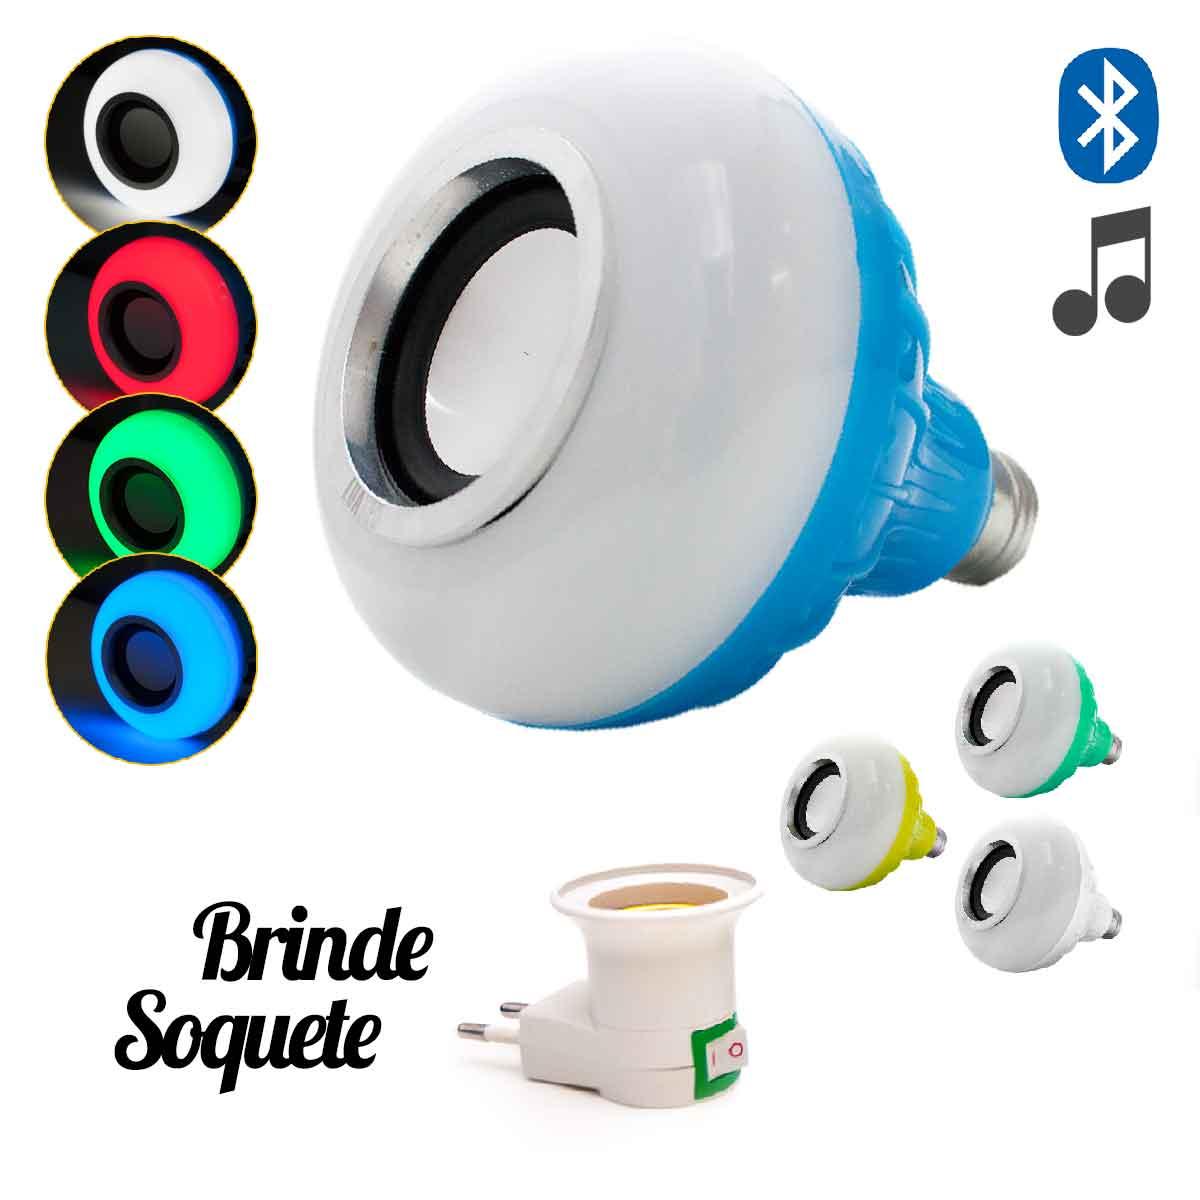 Lâmpada Led Bluetooth Rgb 6w Caixa Som Controle Remoto